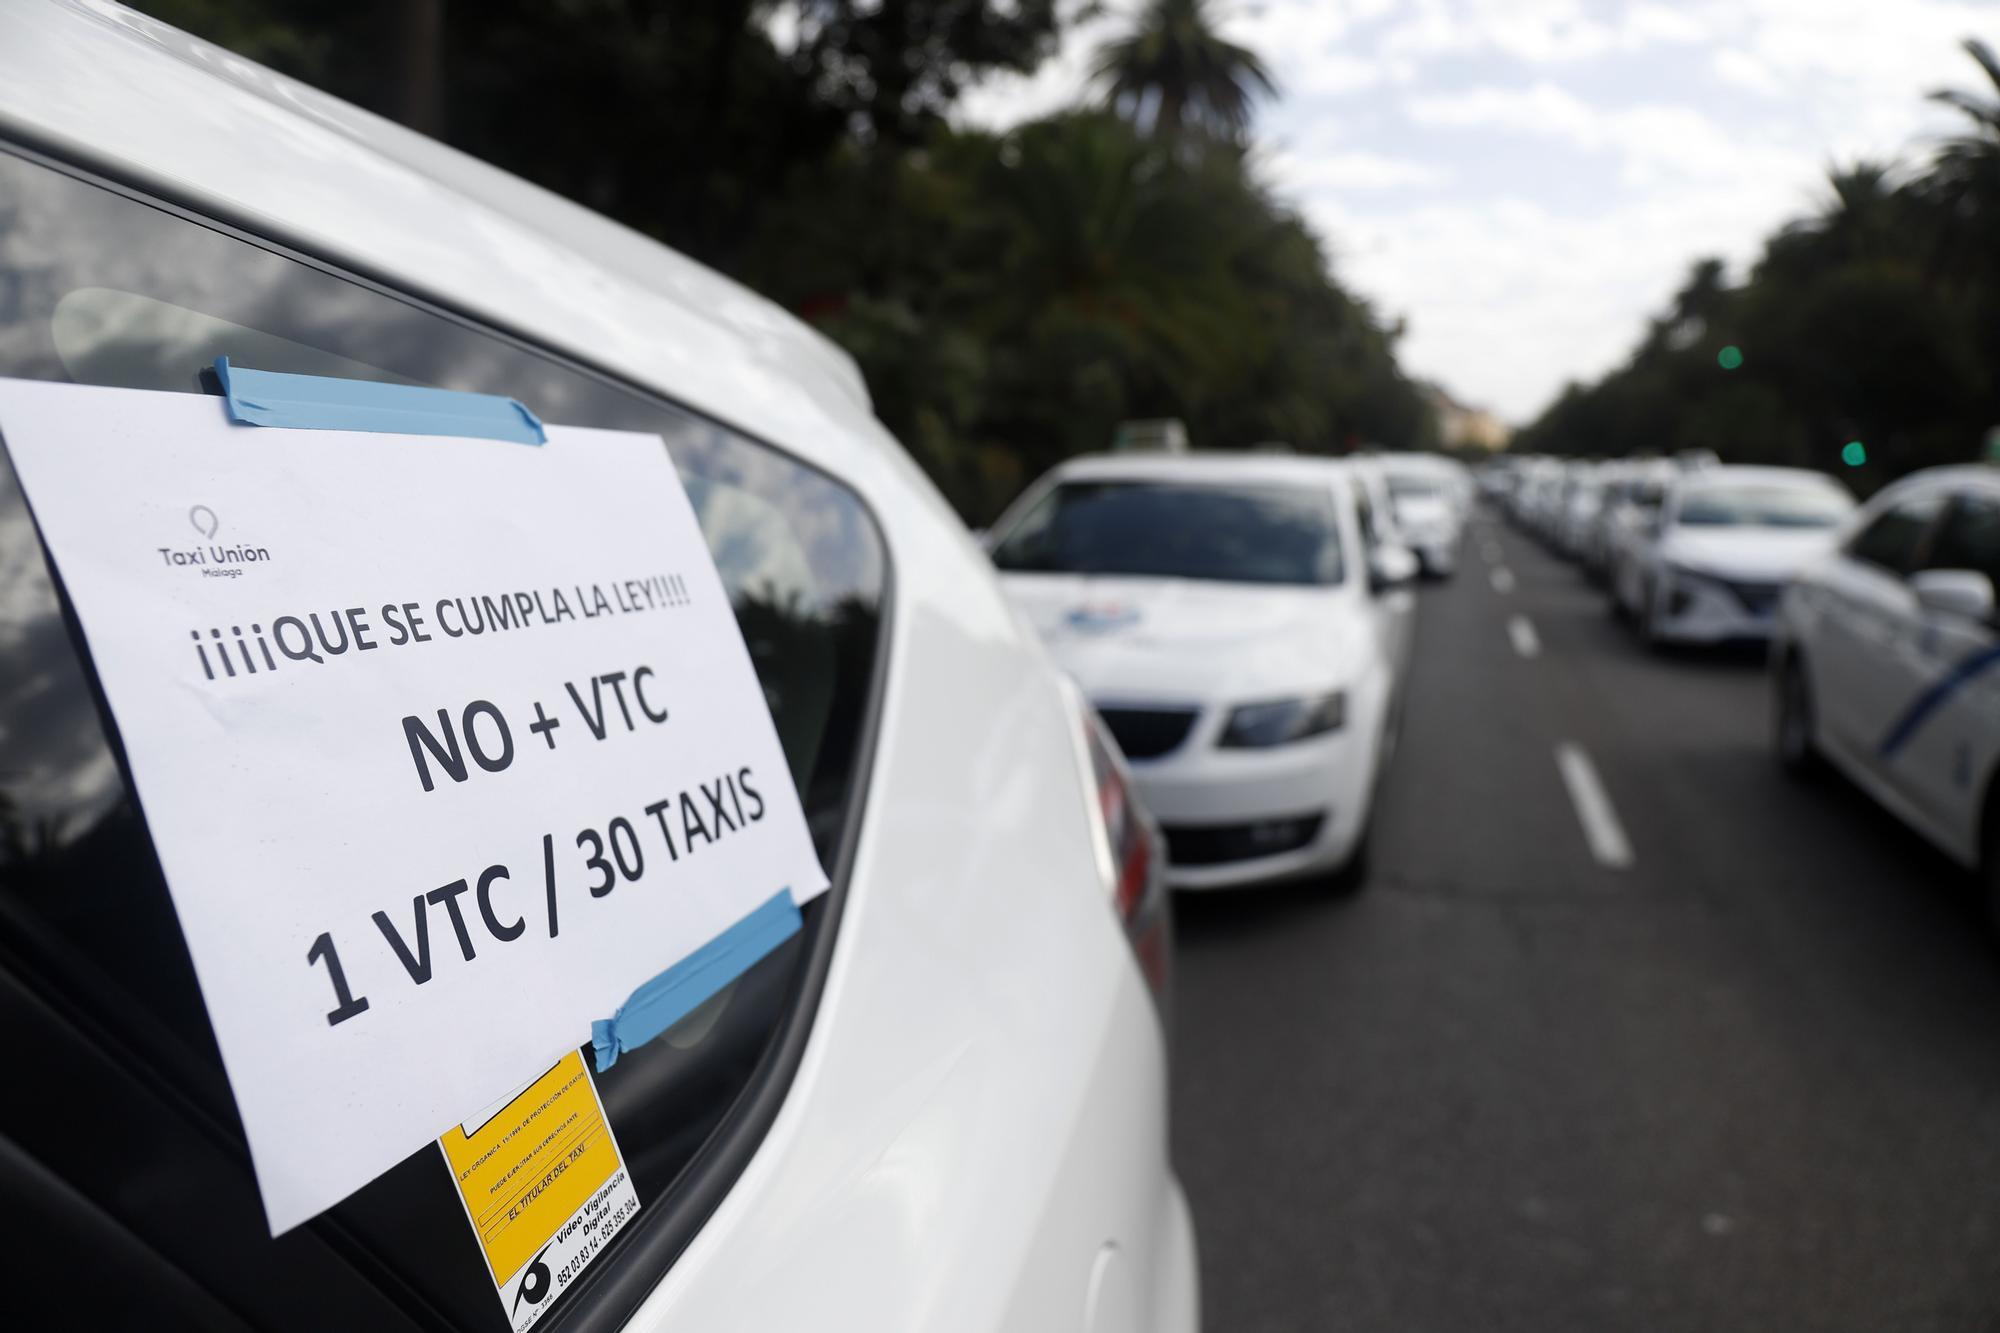 Manifestación del sector del taxi en Málaga contra el intrusismo de las VTC